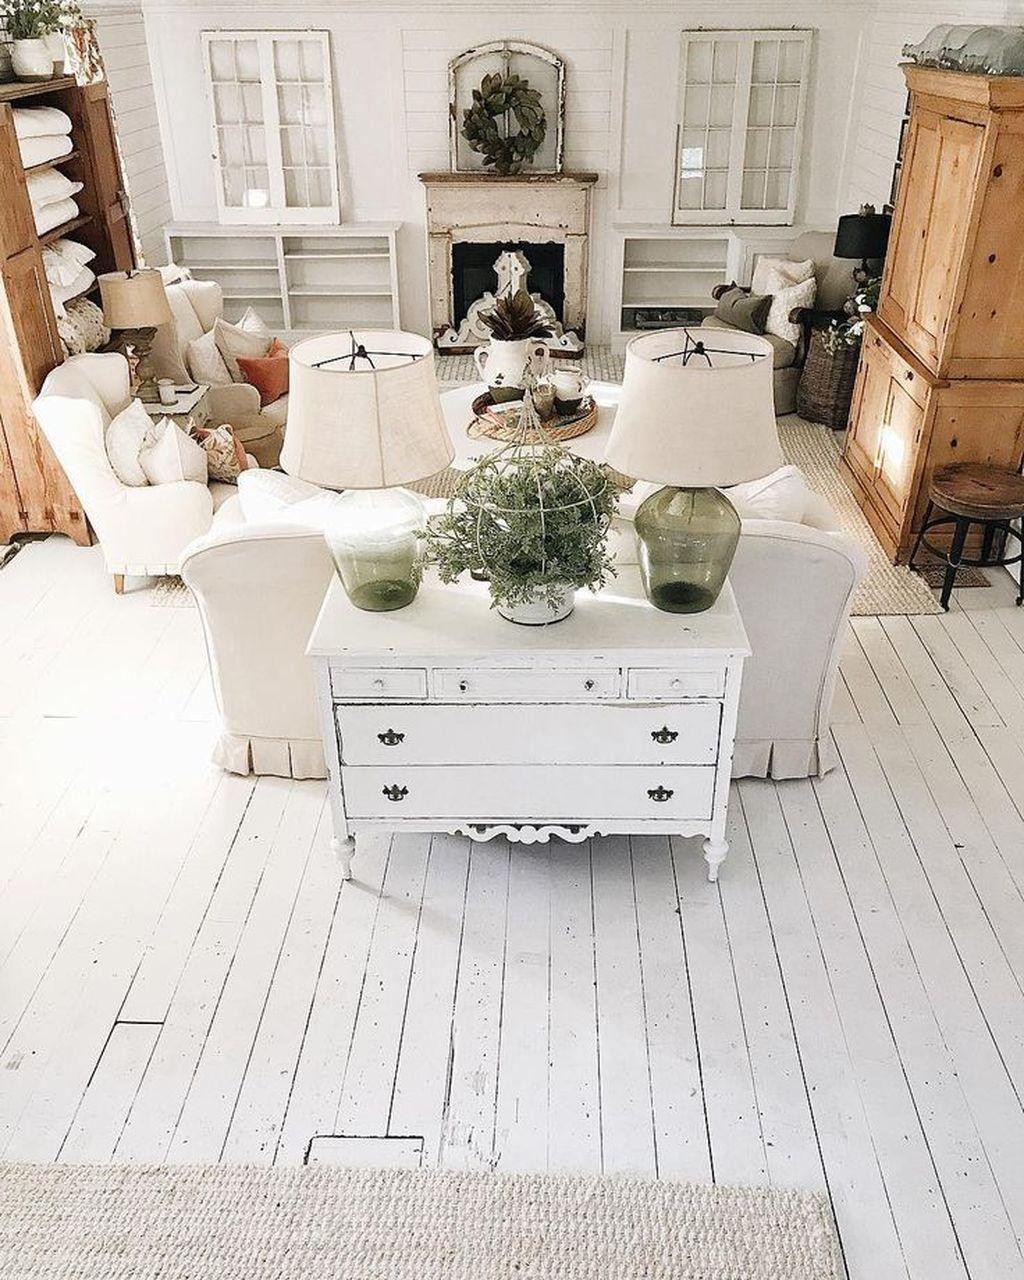 Inspiring Rustic Wooden Floor Living Room Design15